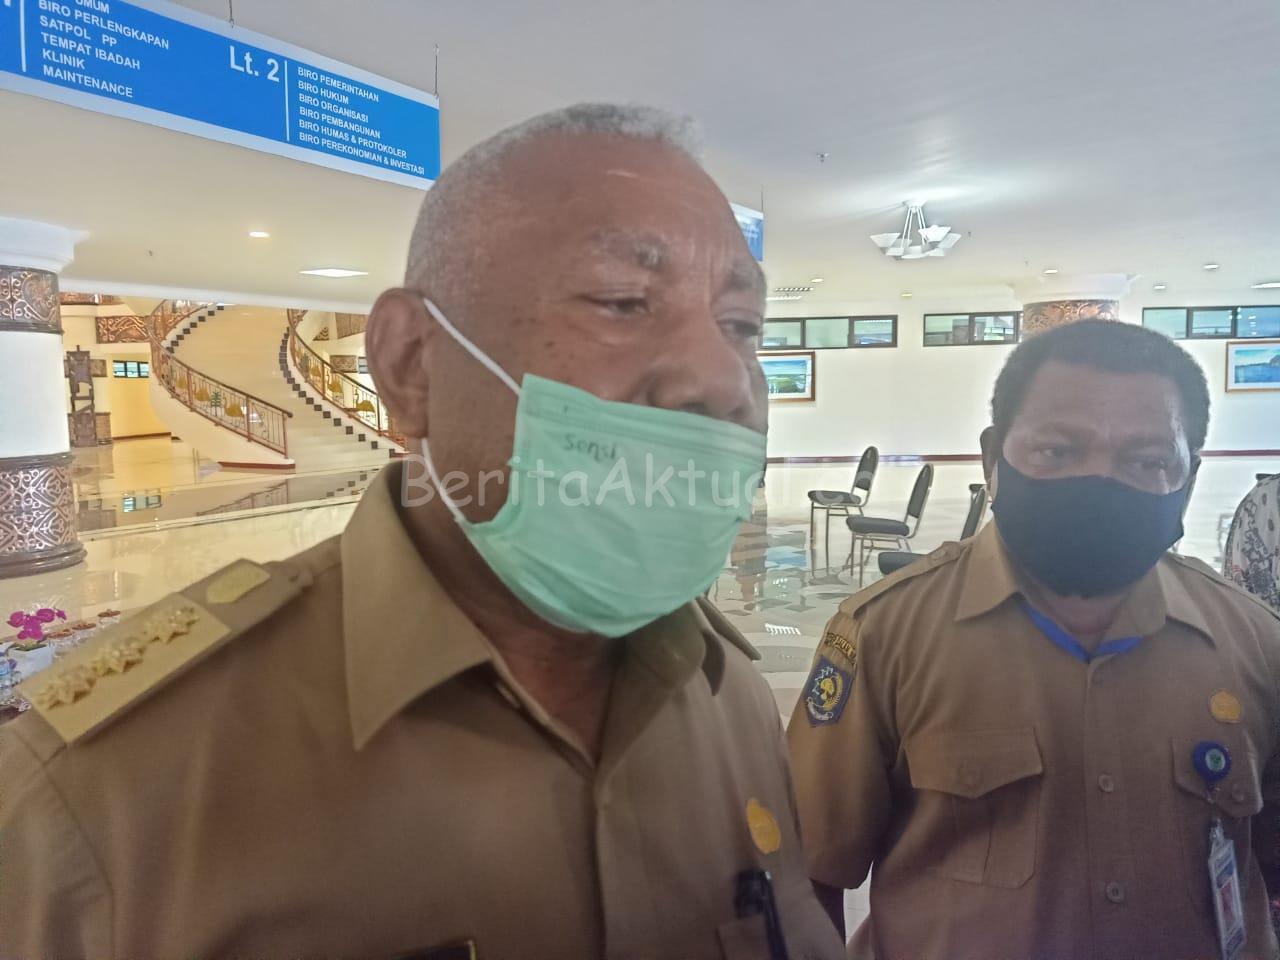 Mandacan: Warga Sorong Dan Manokwari Yang Ada di Jayapura Akan Dipulangkan 18 IMG 20200616 WA0023